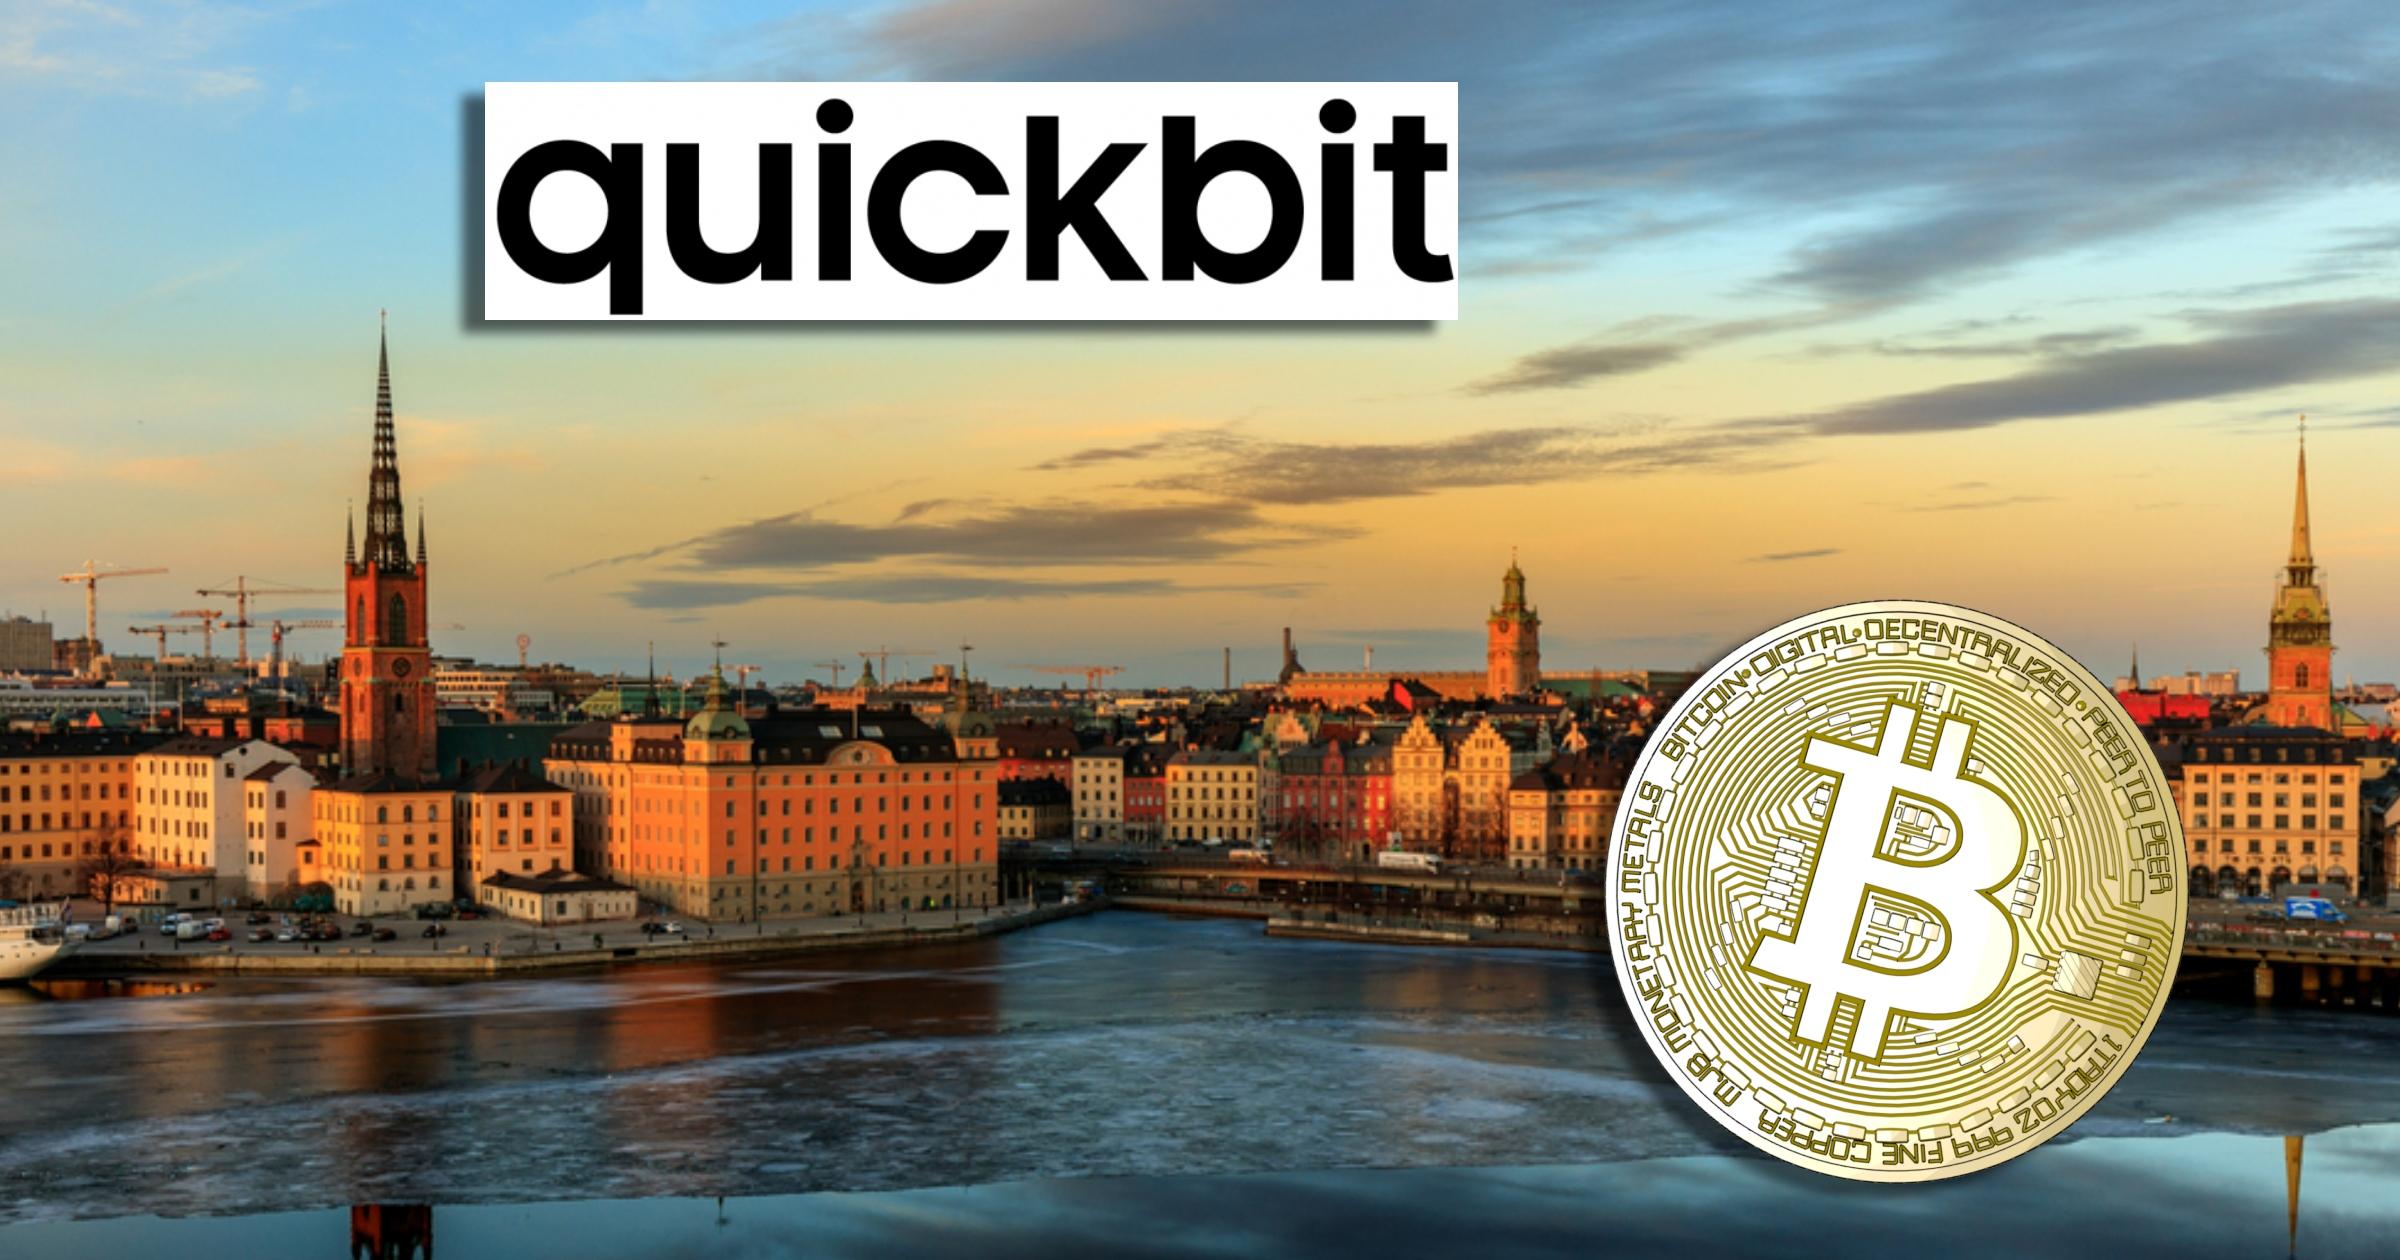 Quickbit börjar betatesta app för växling av kryptovalutor